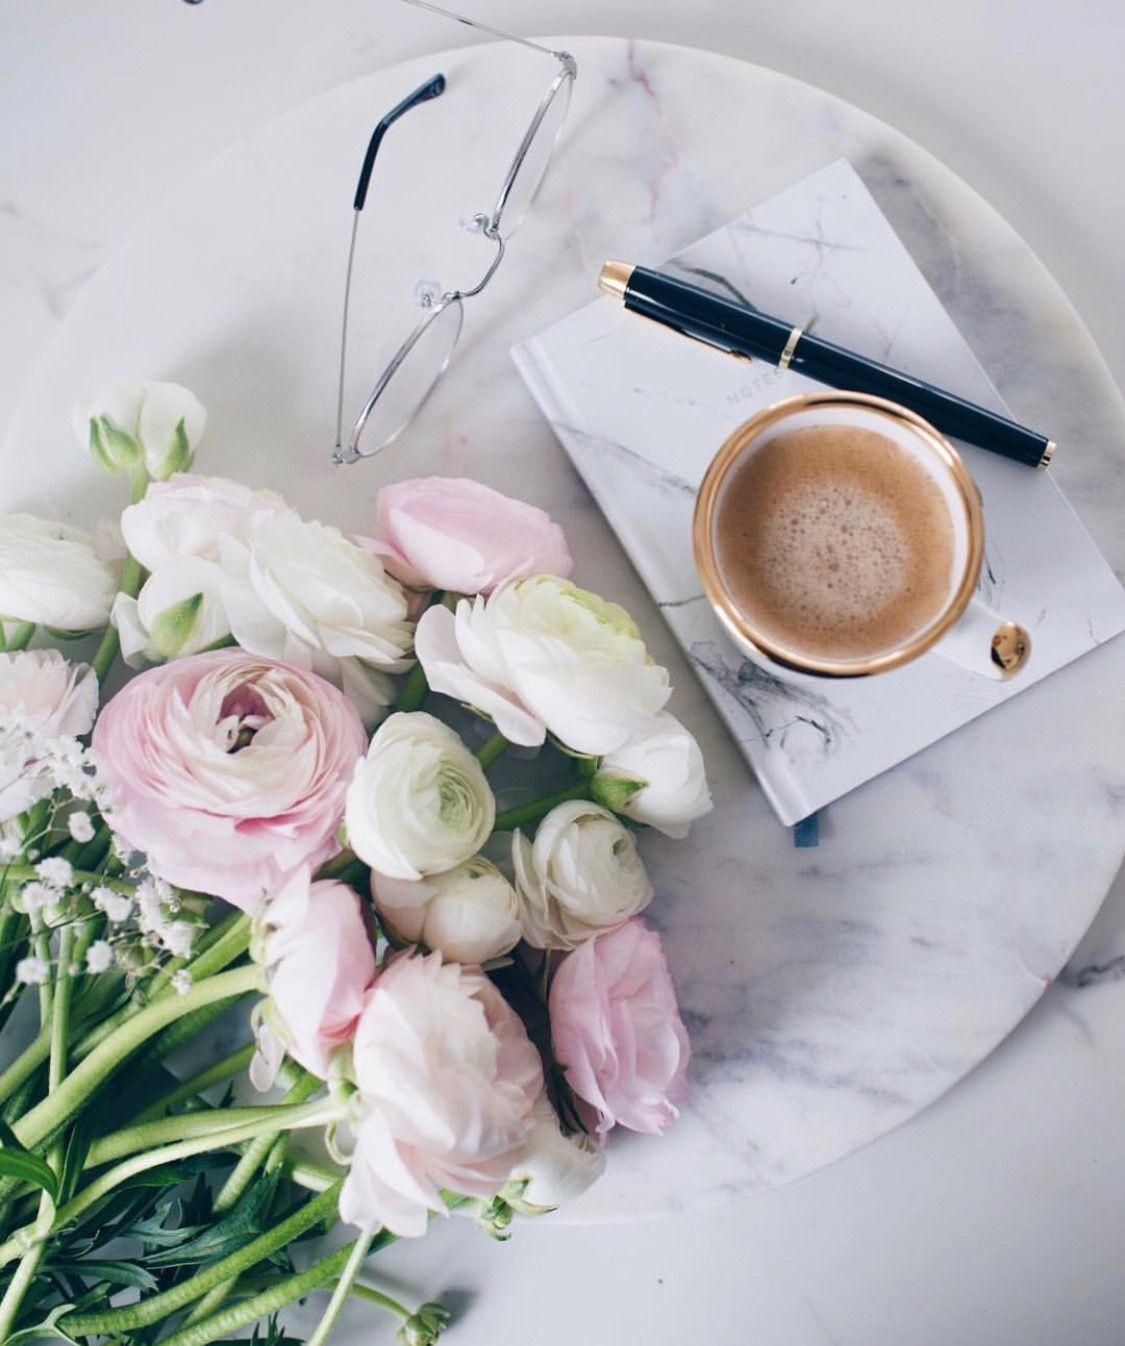 журавлева красивые картинки нежные пионы завтрак для сплетен